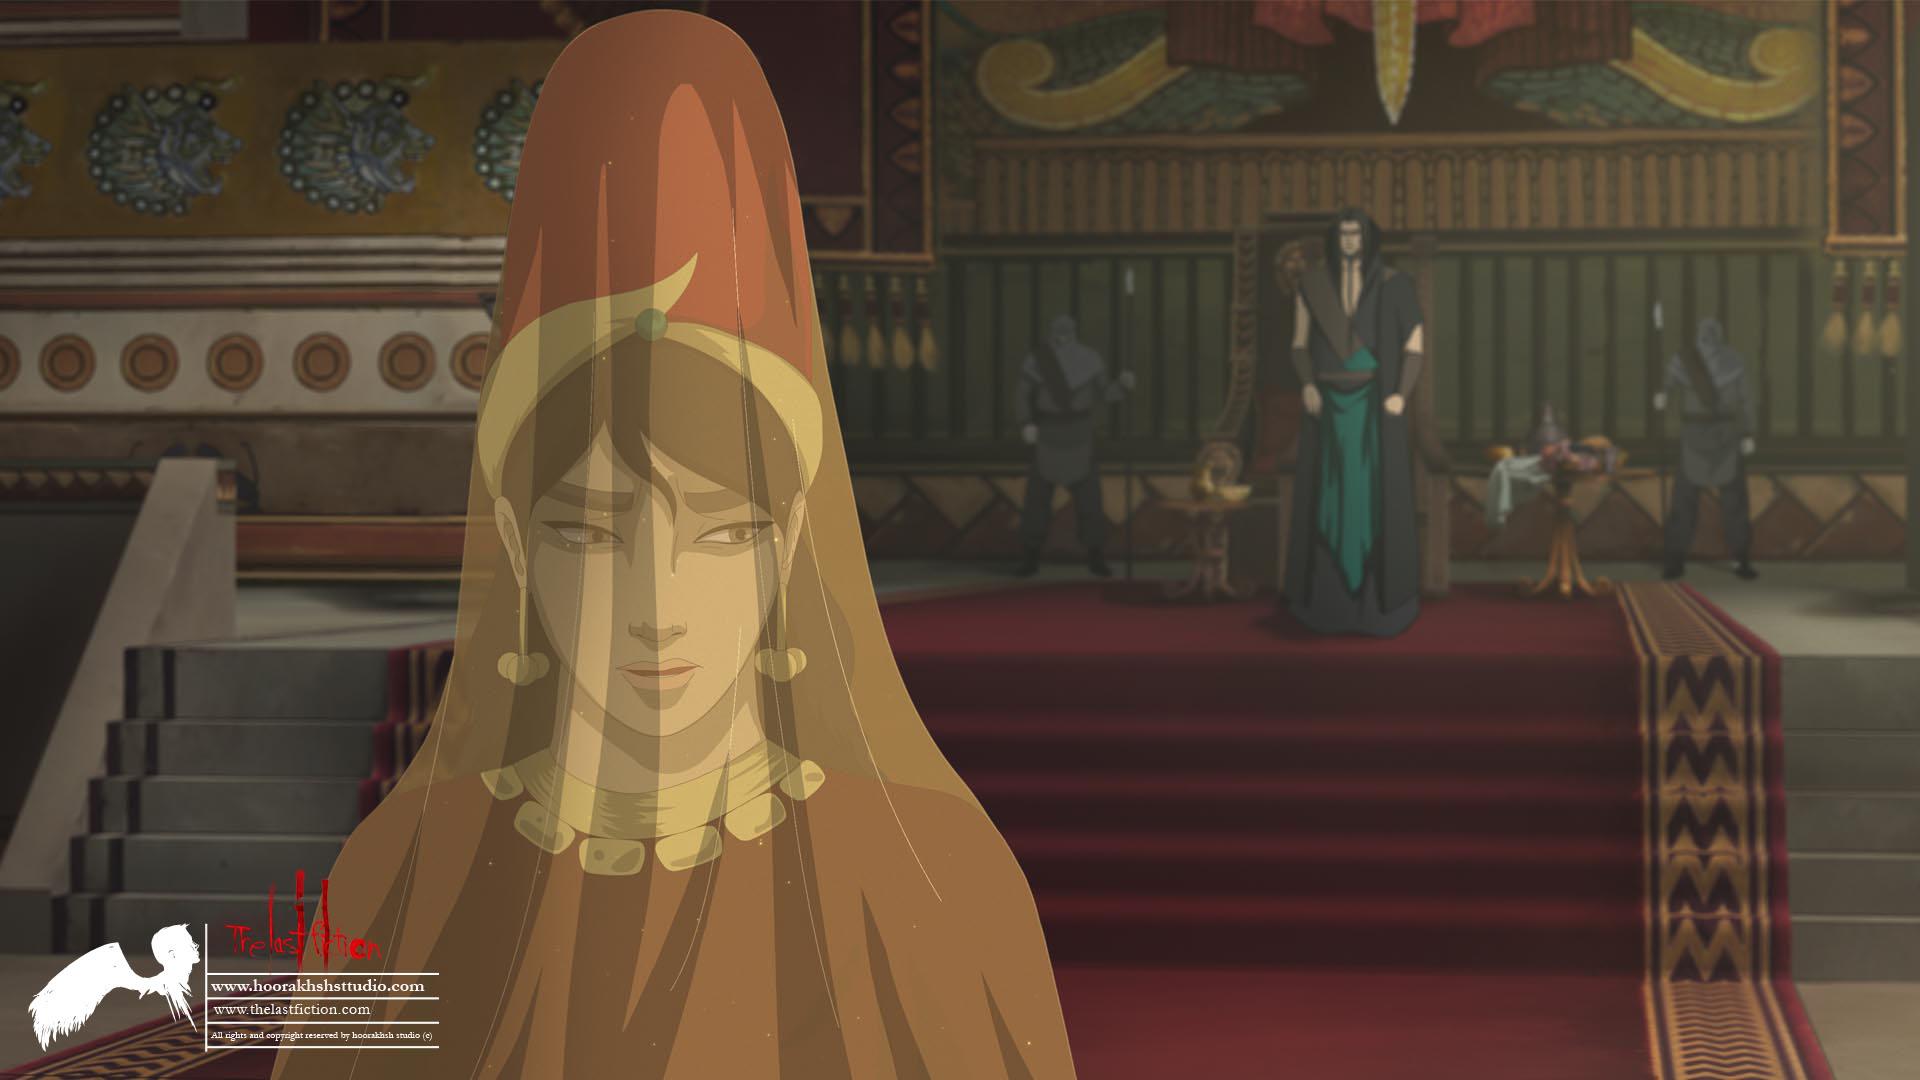 صدا گذاری انیمیشن «آخرین داستان» به علیرضا علویان رسید